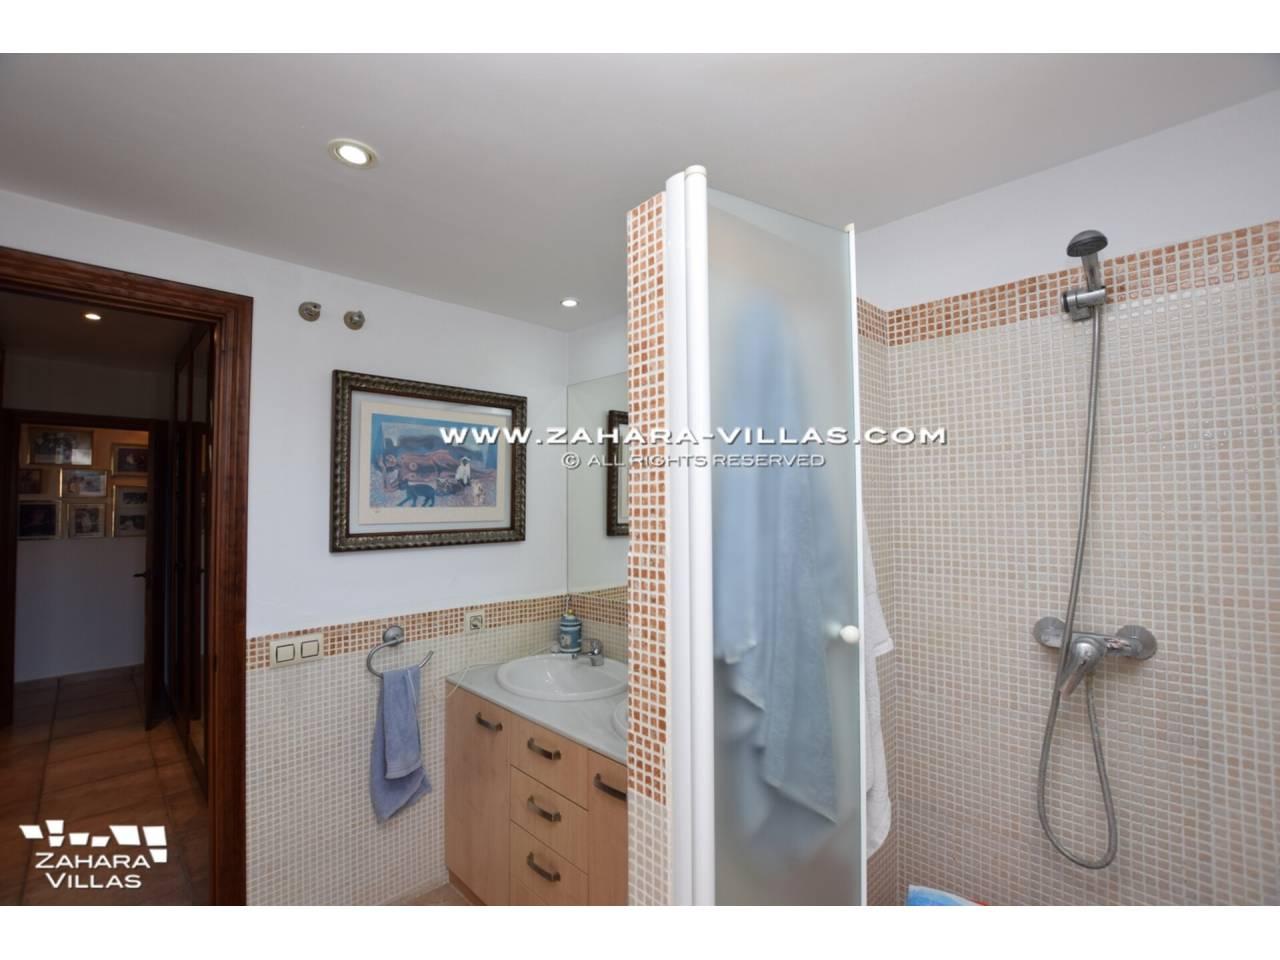 Imagen 34 de Apartamento en venta en urbanización Jardines de Zahara - Atlanterra